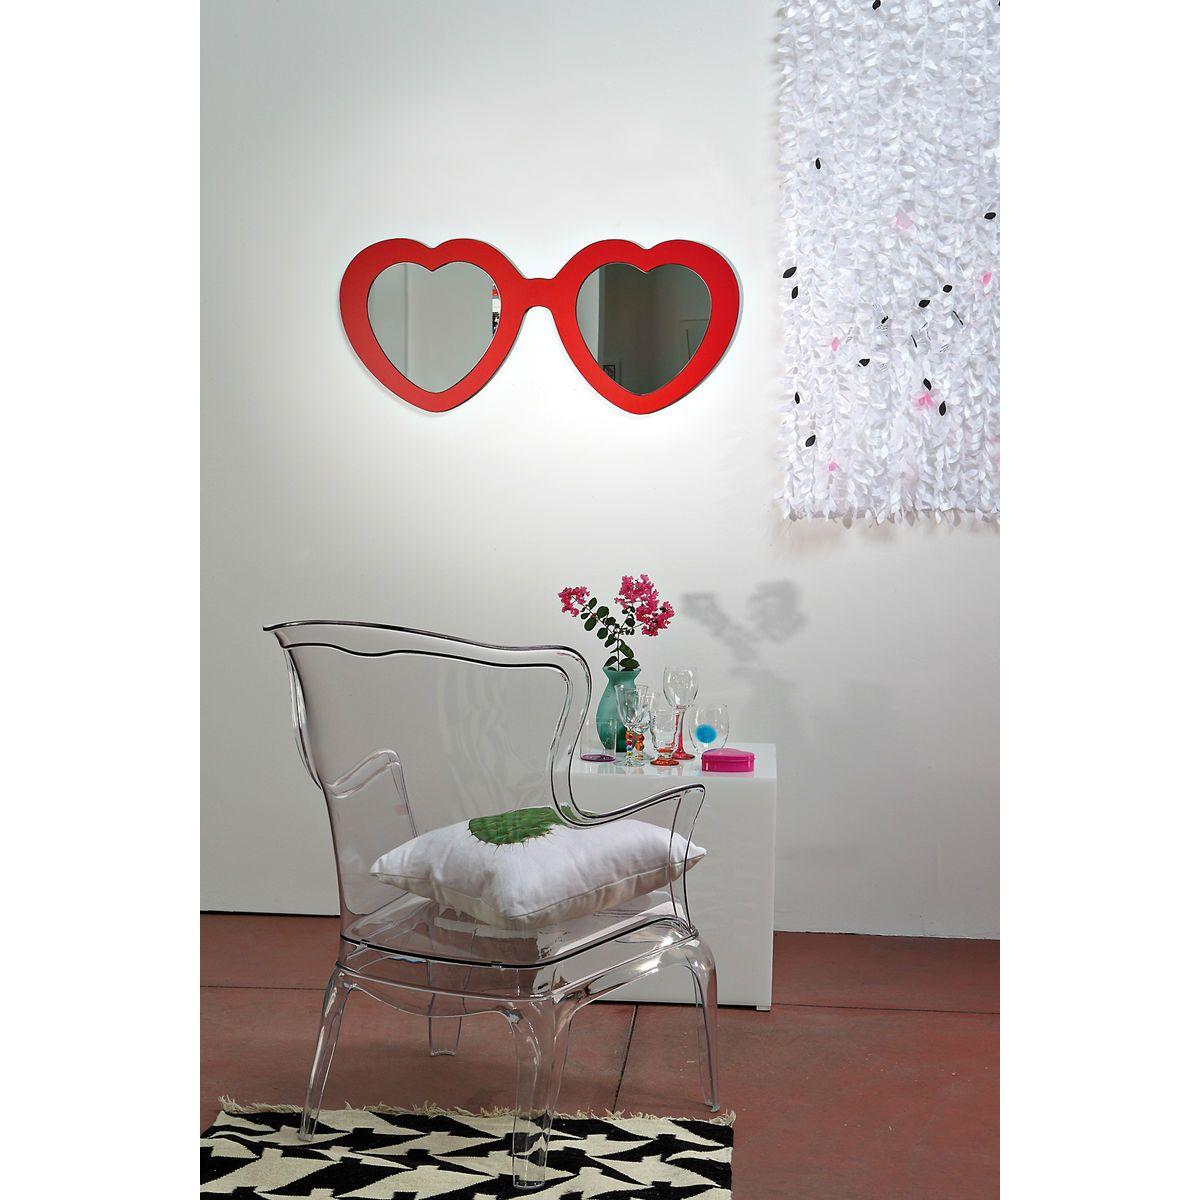 Specchio doppio a forma di occhiali ispirati al film Lolita con montatura a forma di cuore di colore rosso